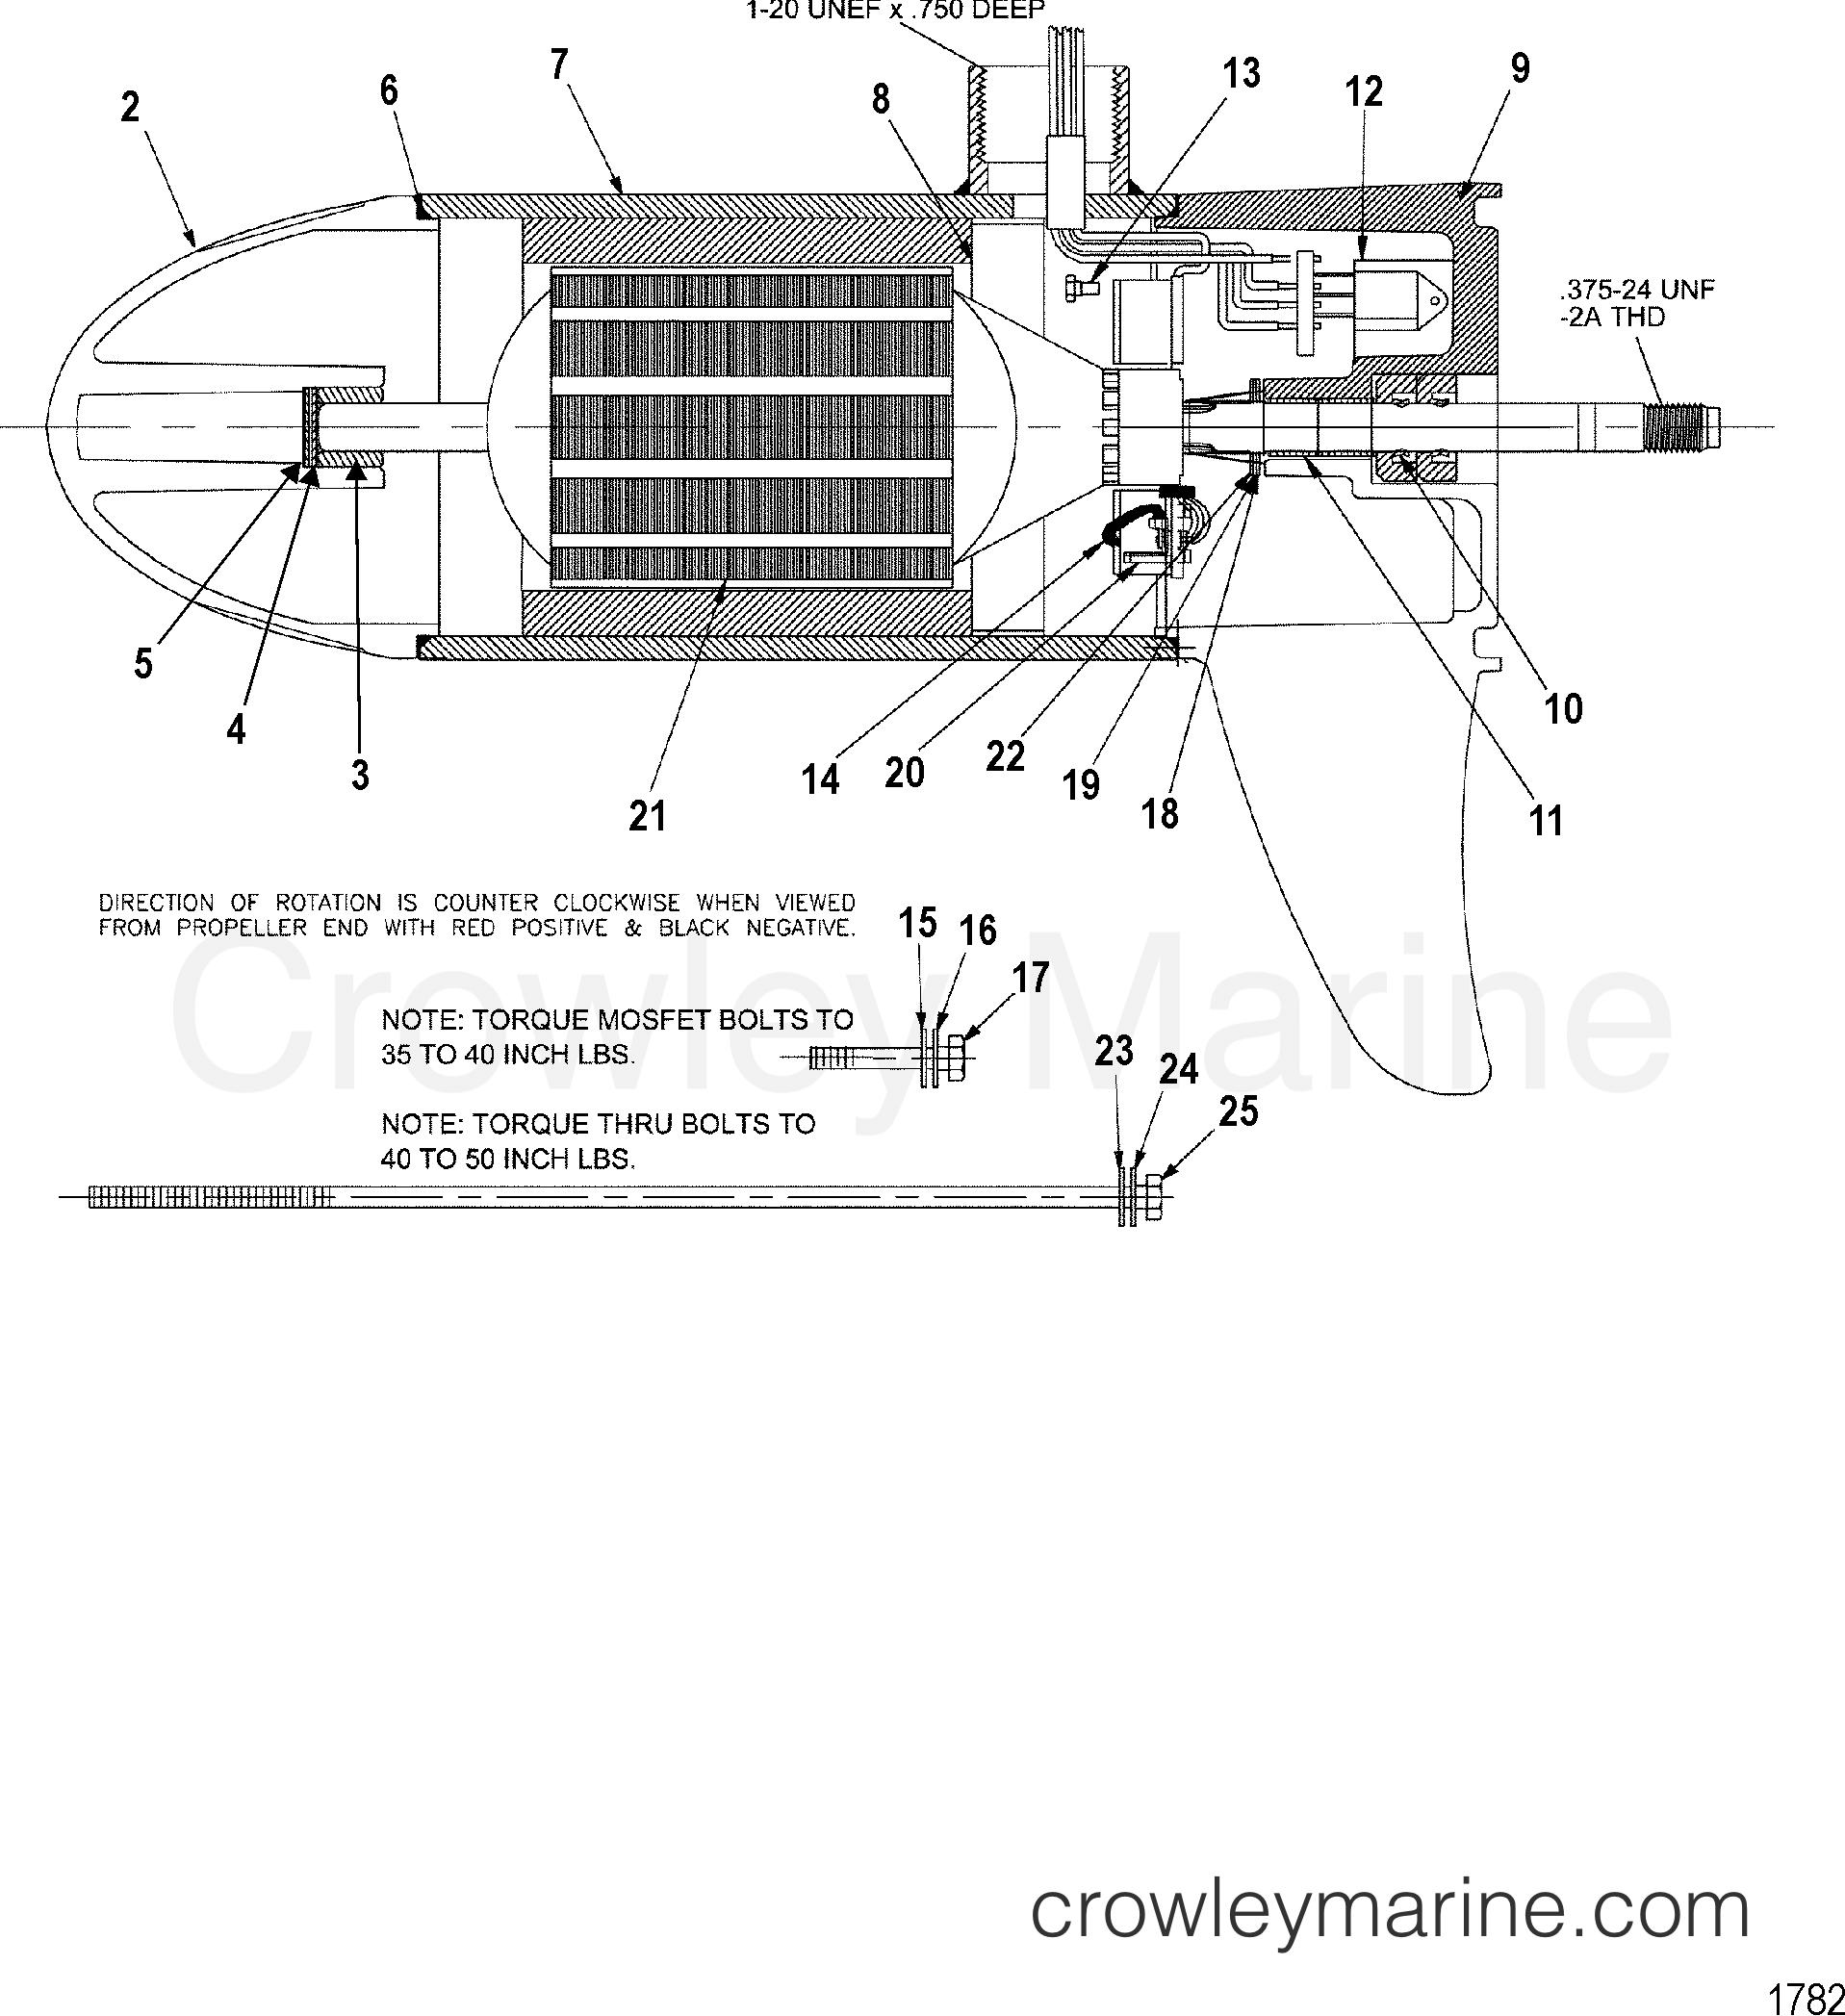 2000 MotorGuide 24V [MOTORGUIDE] - 9EF60V8W2 - LOWER UNIT ASSEMBLY(45# - VARIABLE) (MCM397042) section